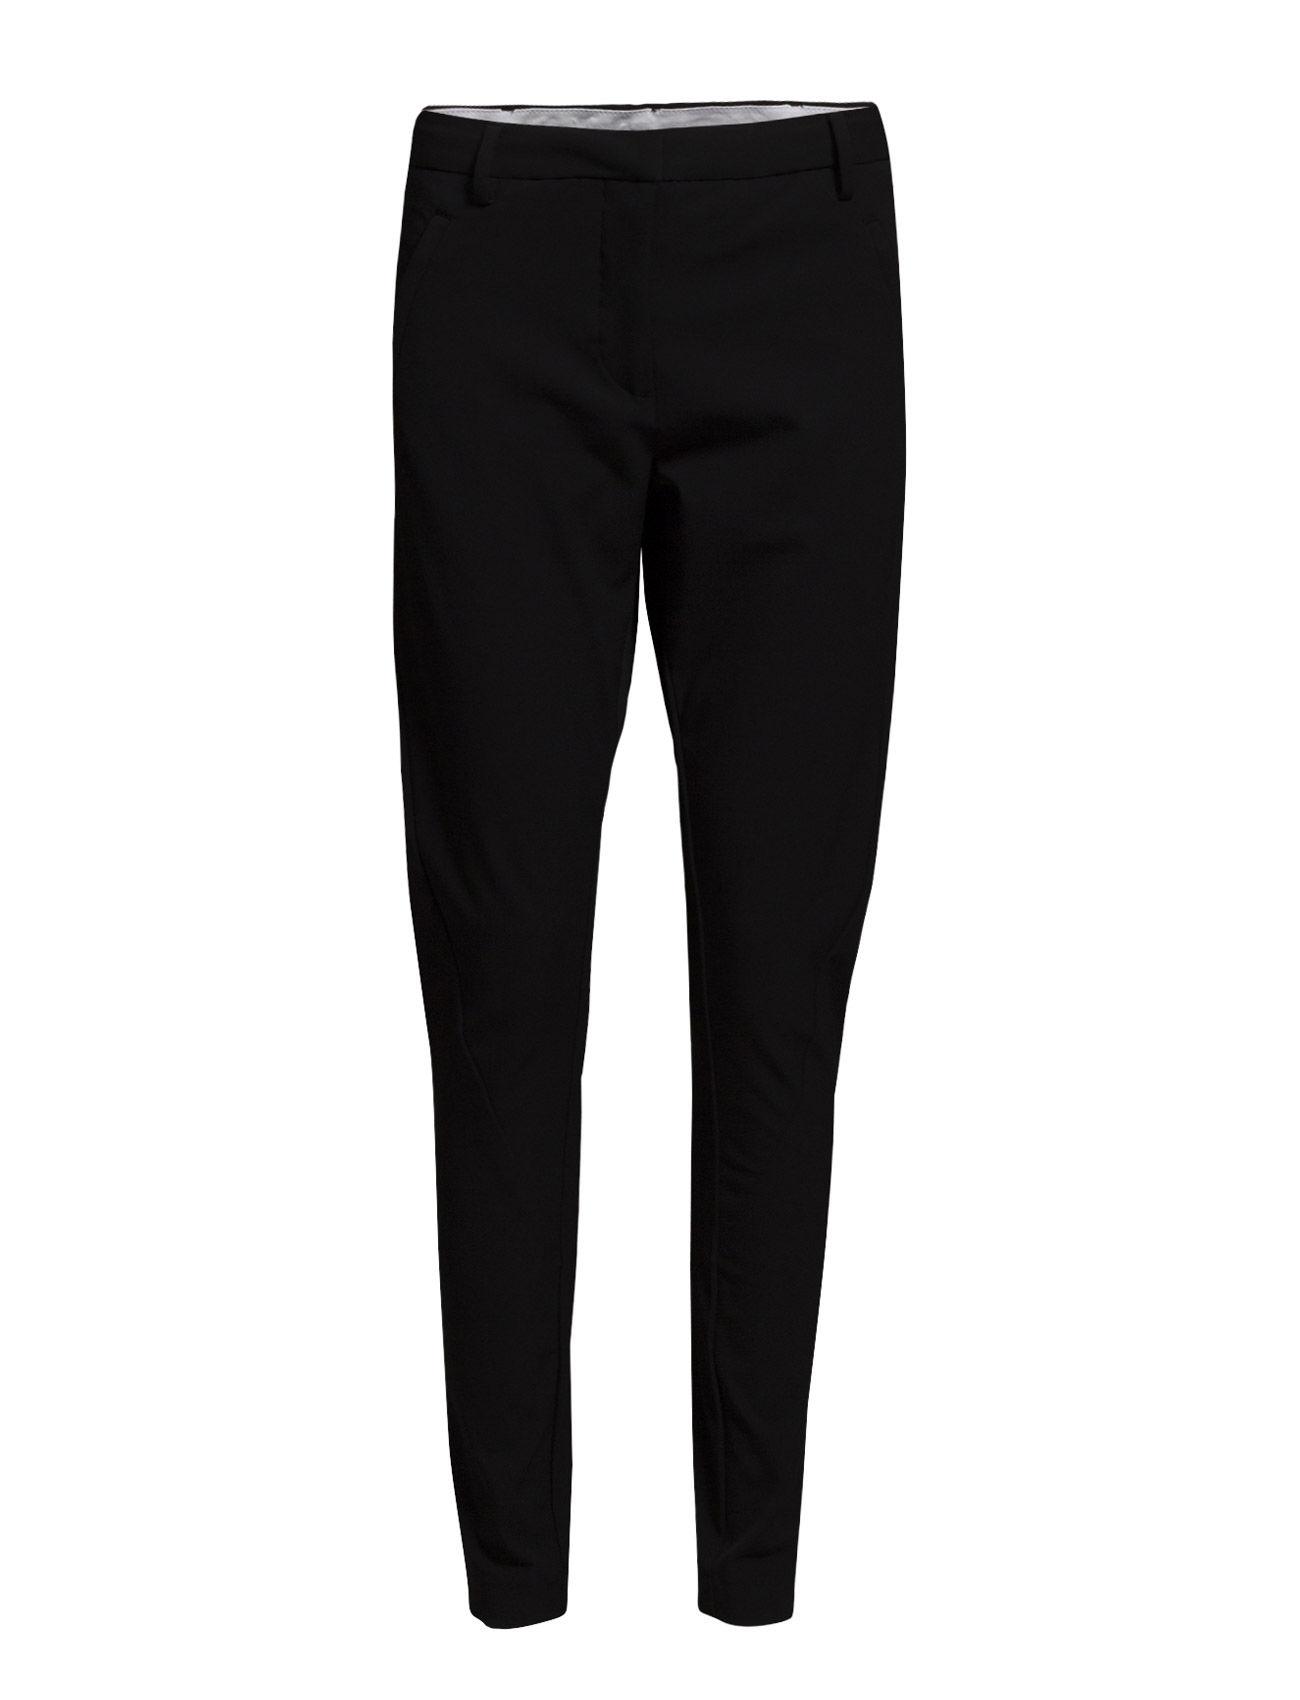 Angelie 315 Black, Pants FIVEUNITS Skinny til Damer i Sort